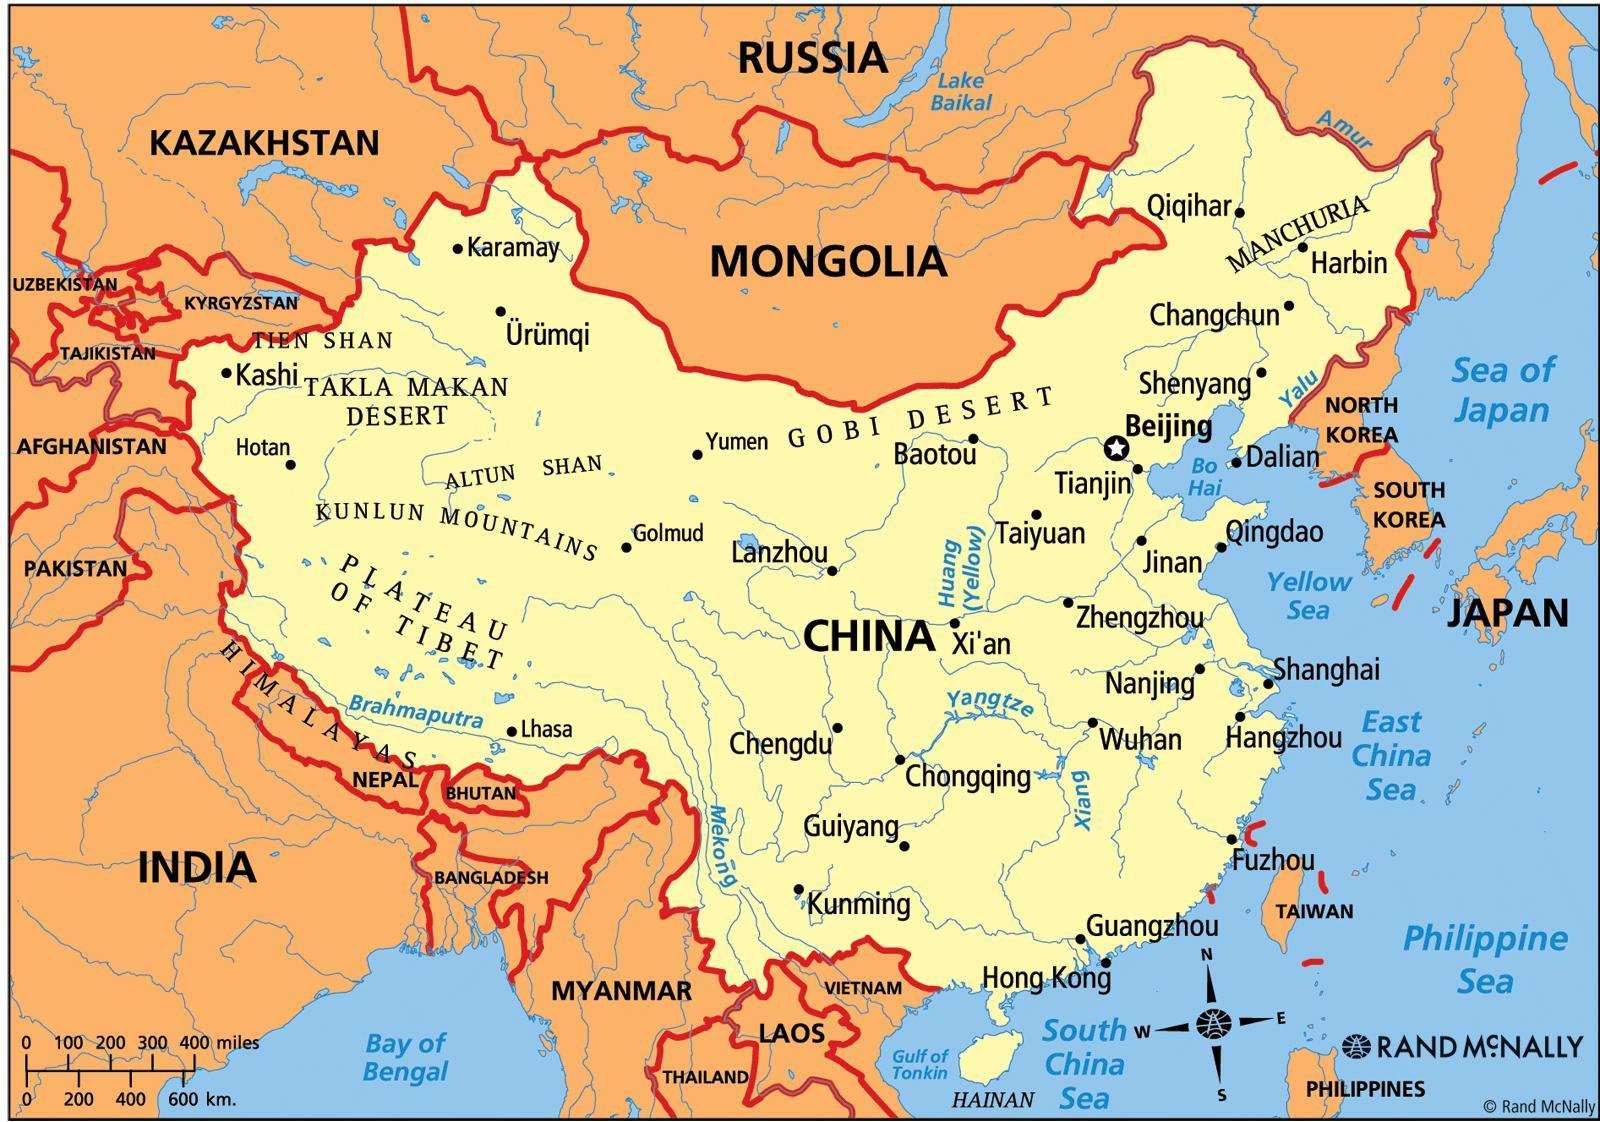 Cartina Politica Asia.Cina Politica Sulla Mappa Mappa Cina Politica Asia Orientale Asia